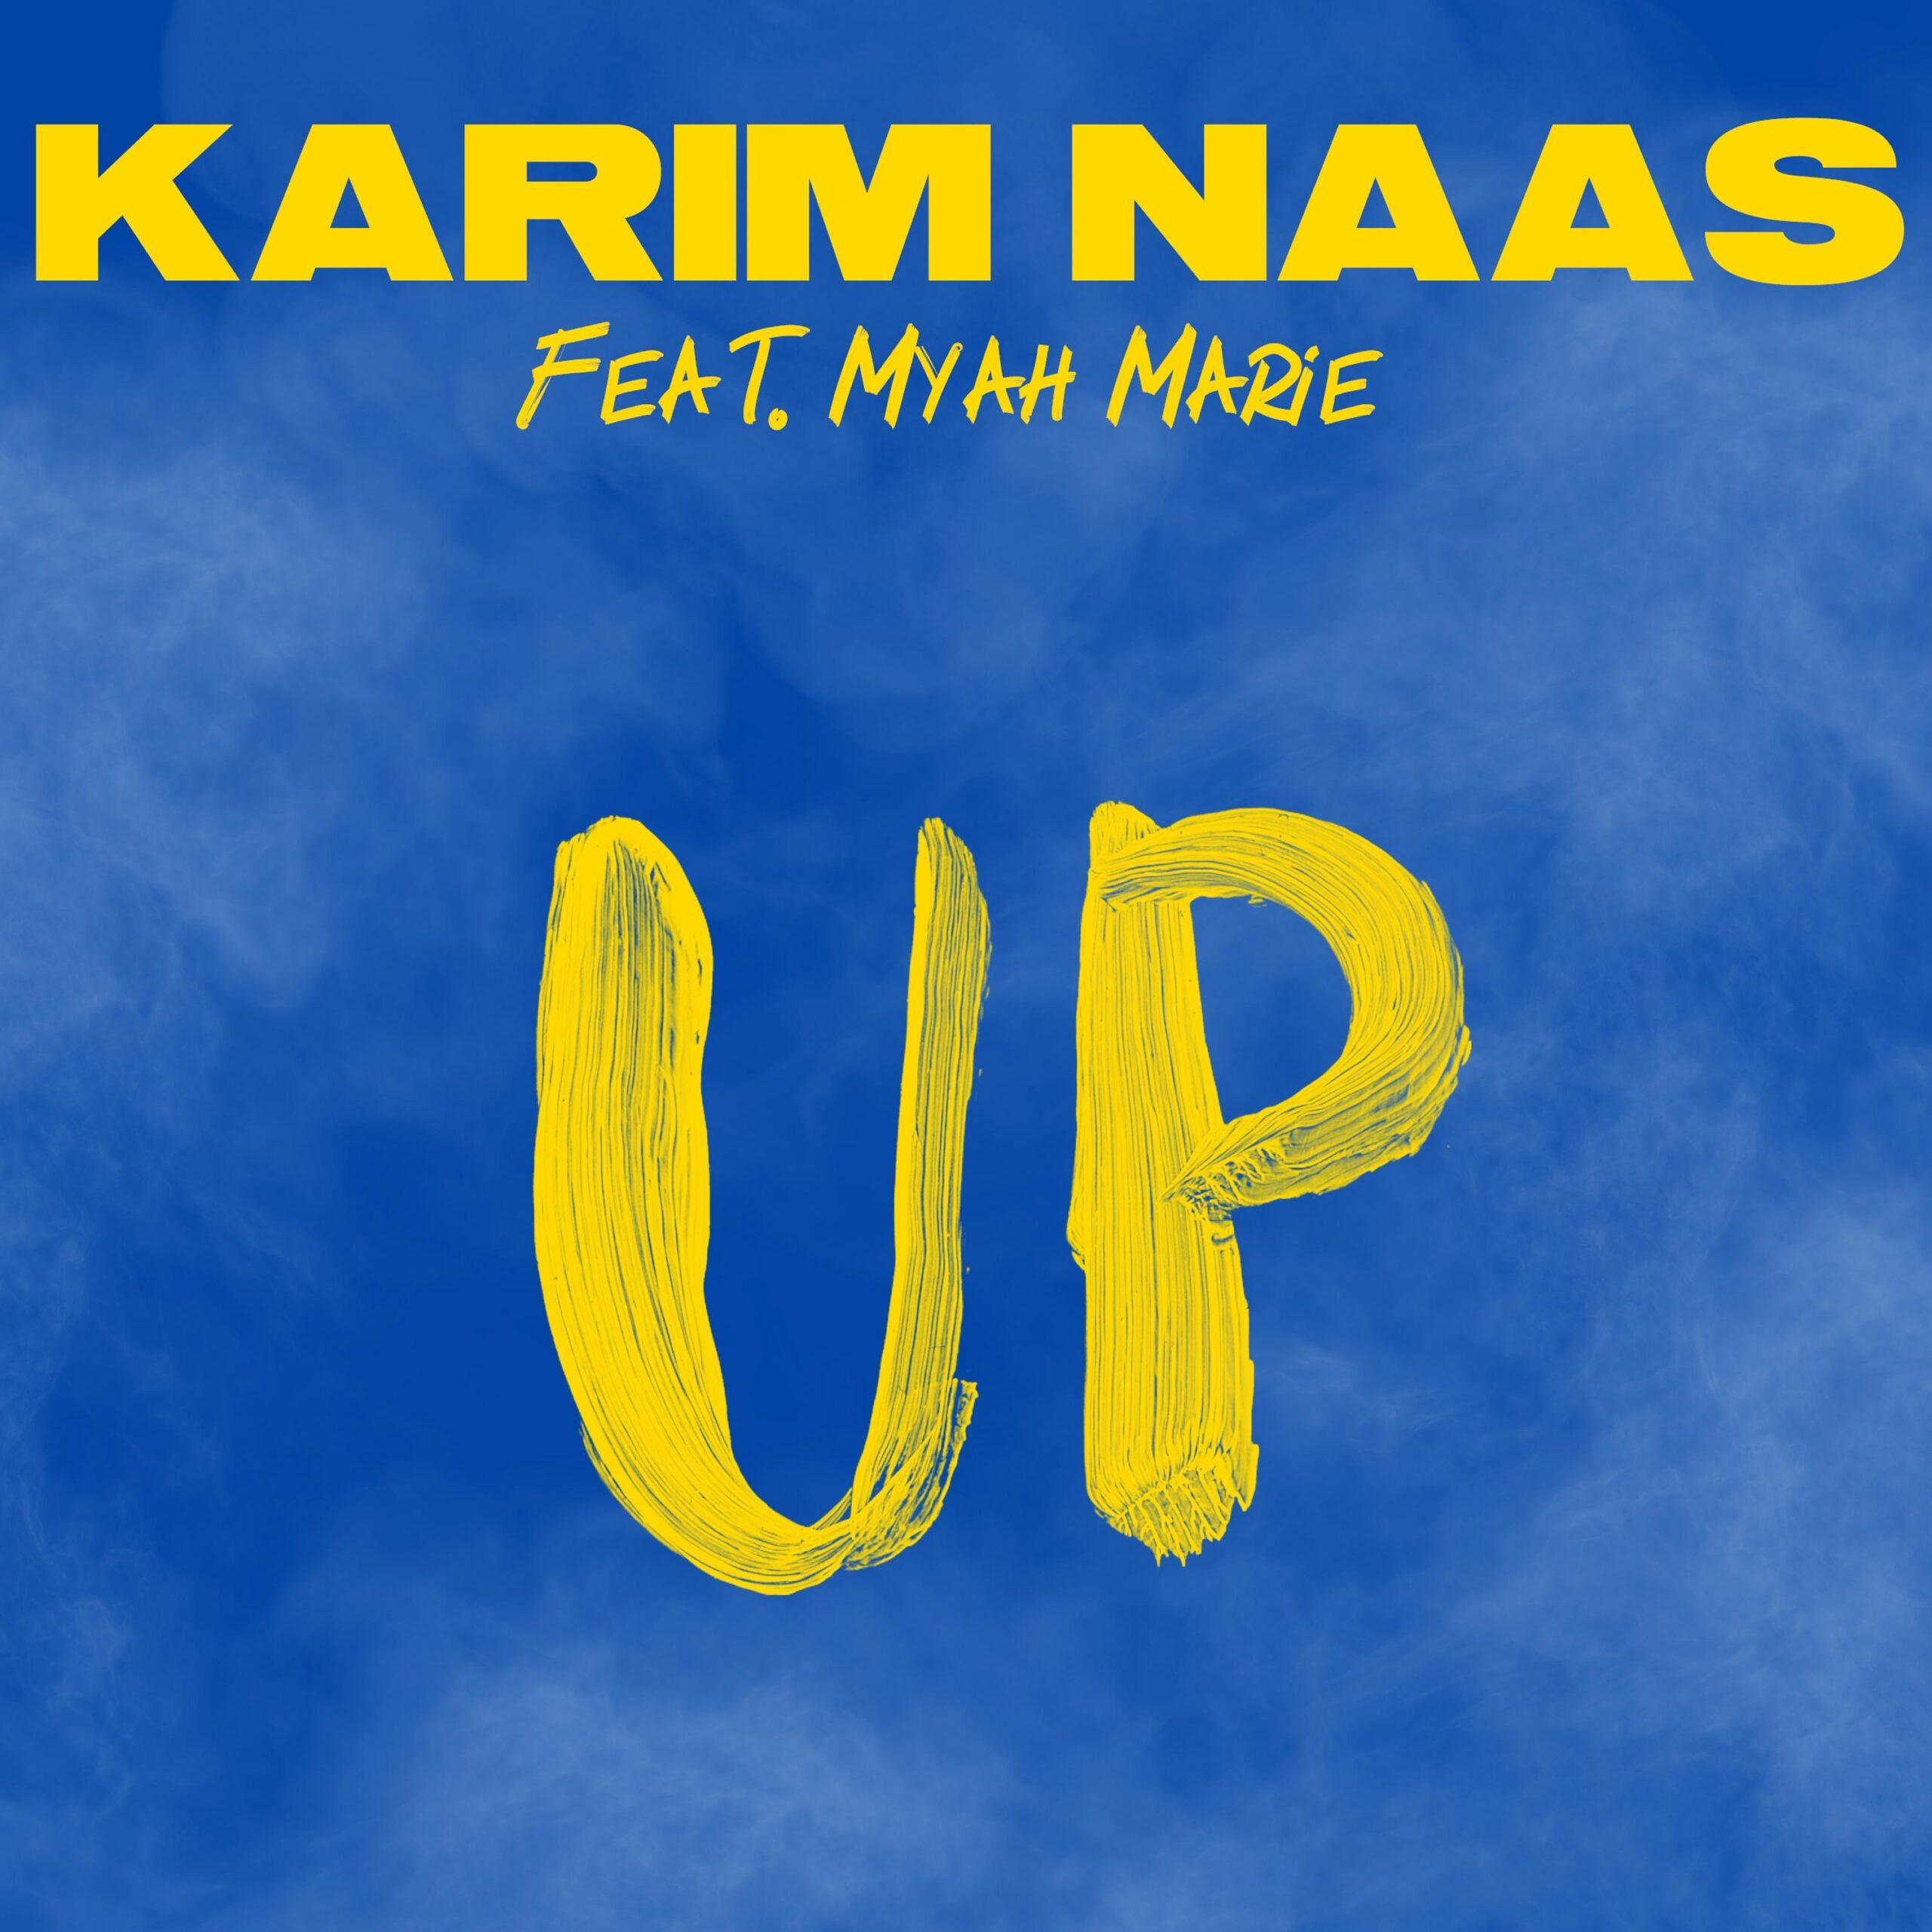 Karim Naas releases UP feat. Myah Marie